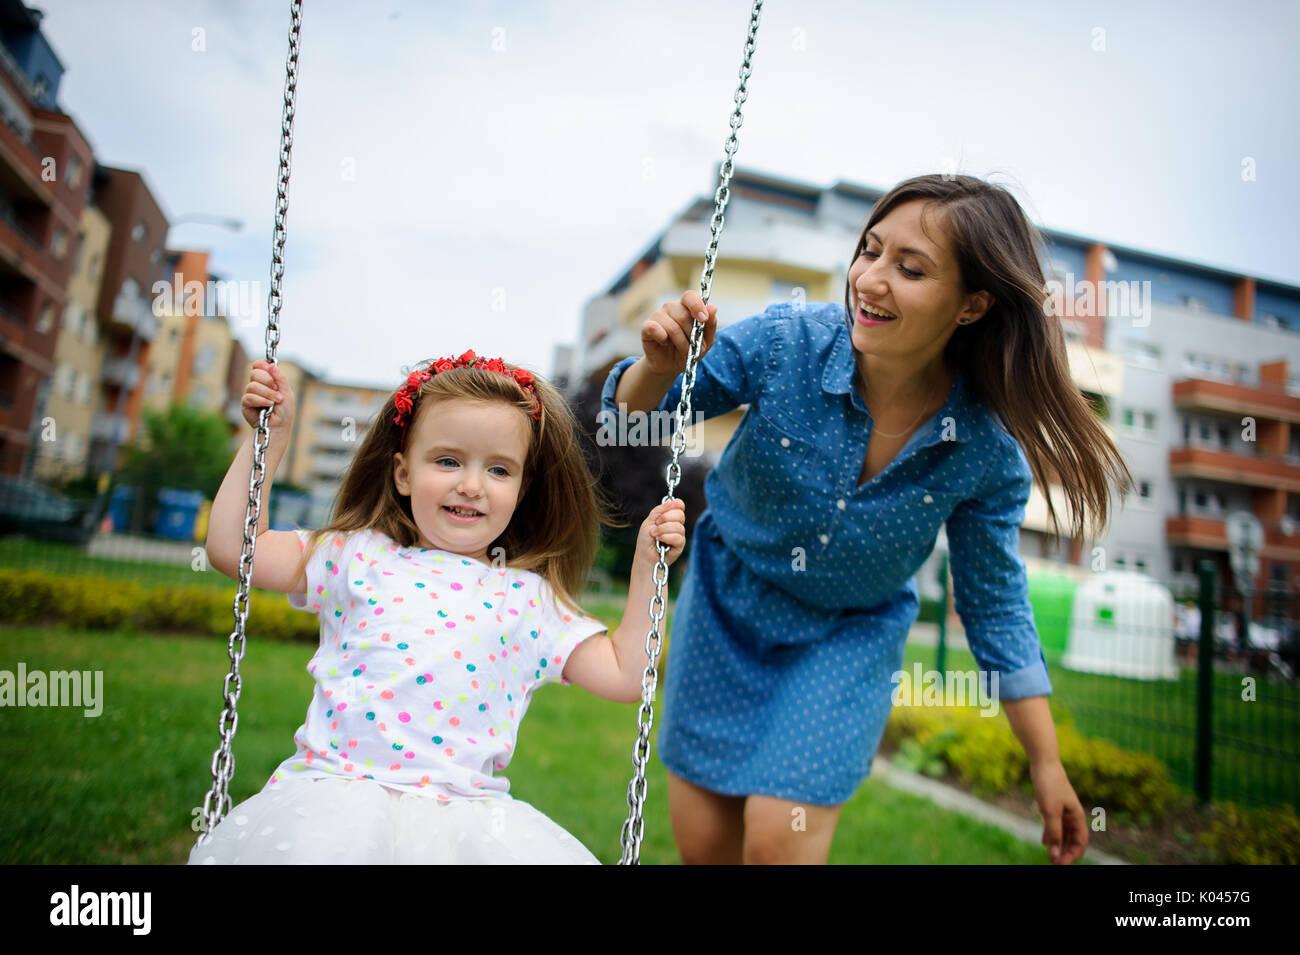 Giovane madre svolge nel parco giochi con la figlia piccola. La donna scuote il bambino su altalena. Città cortile. Serena giornata estiva. Buon umore. Immagini Stock